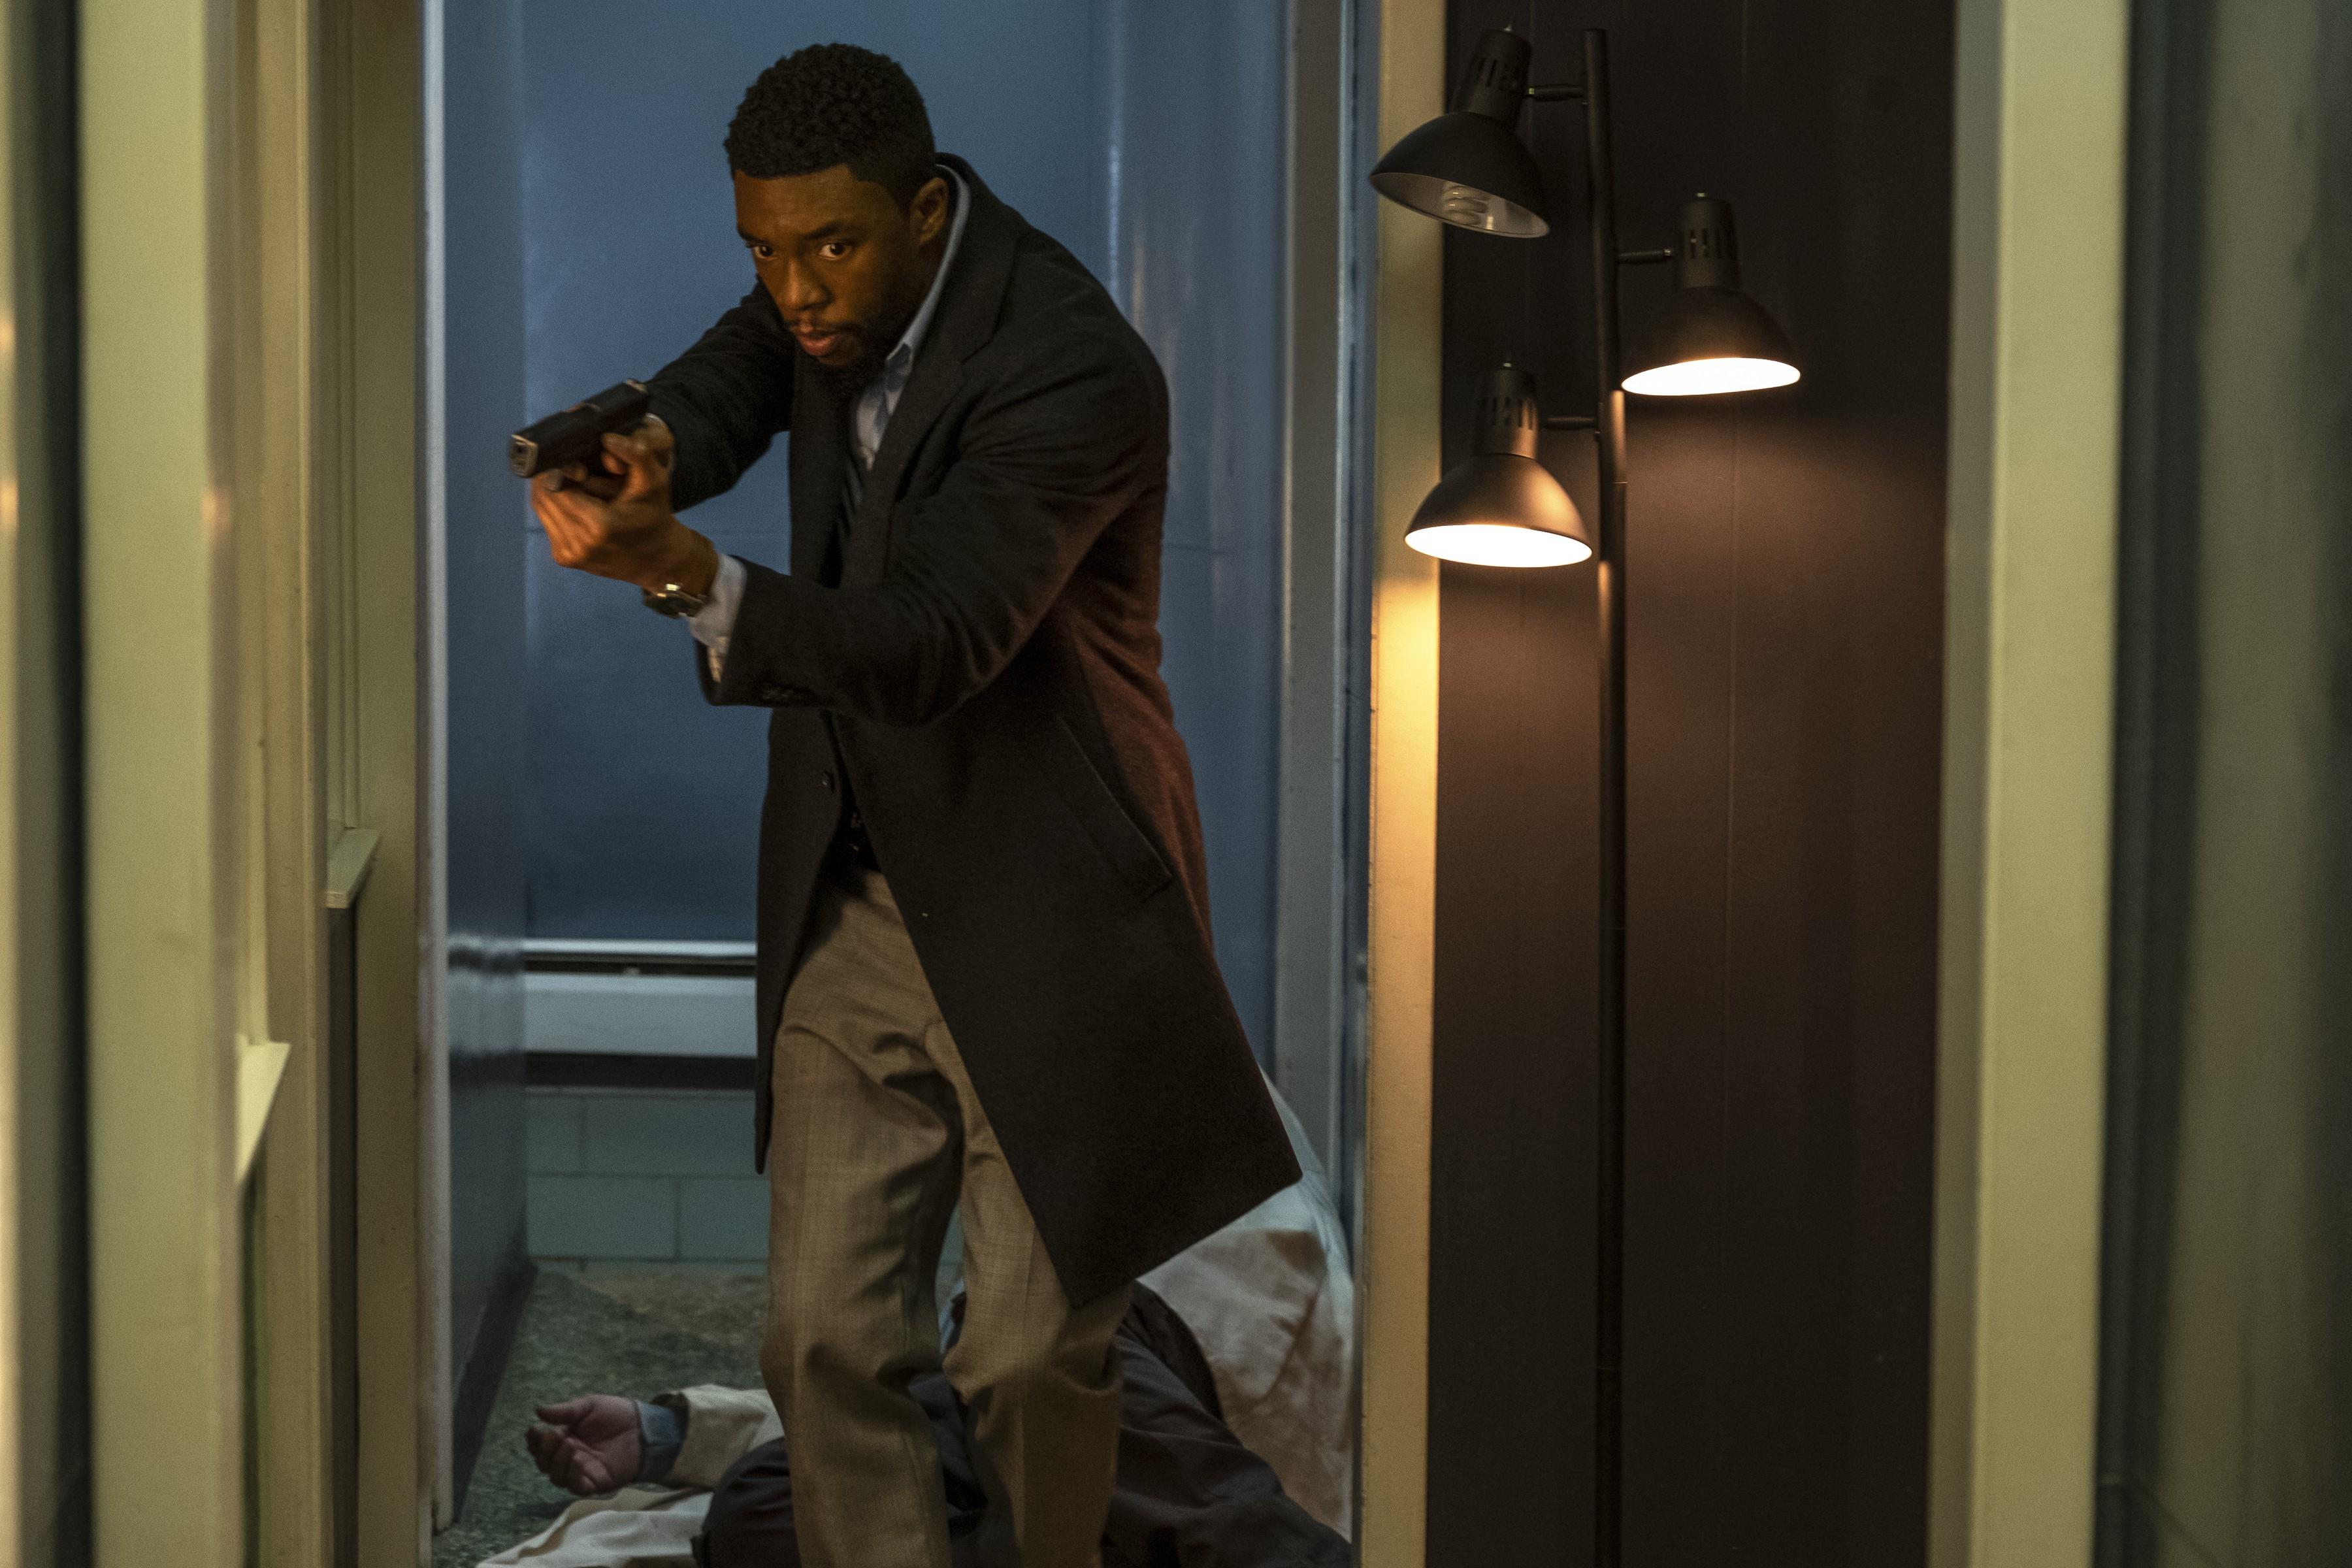 《暴走曼哈頓》的刺激、緊張與懸疑絕對會讓喜歡動作片的觀眾滿意